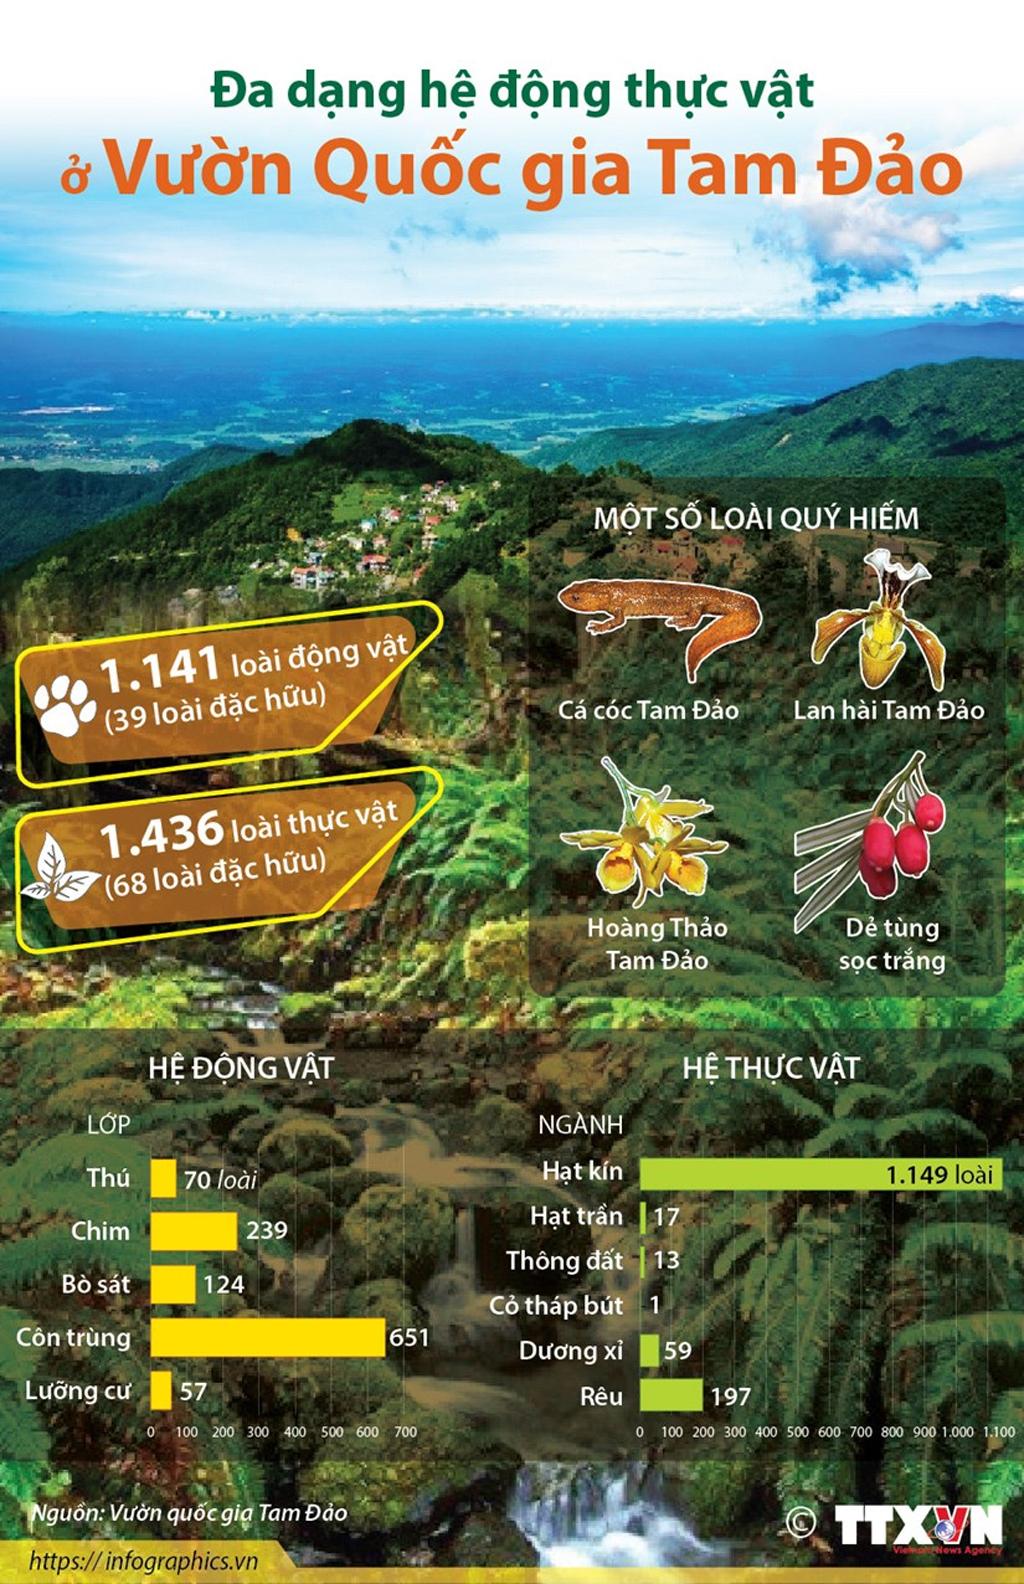 Infographics Đa dạng hệ động thực vật ở Vườn Quốc gia Tam Đảo